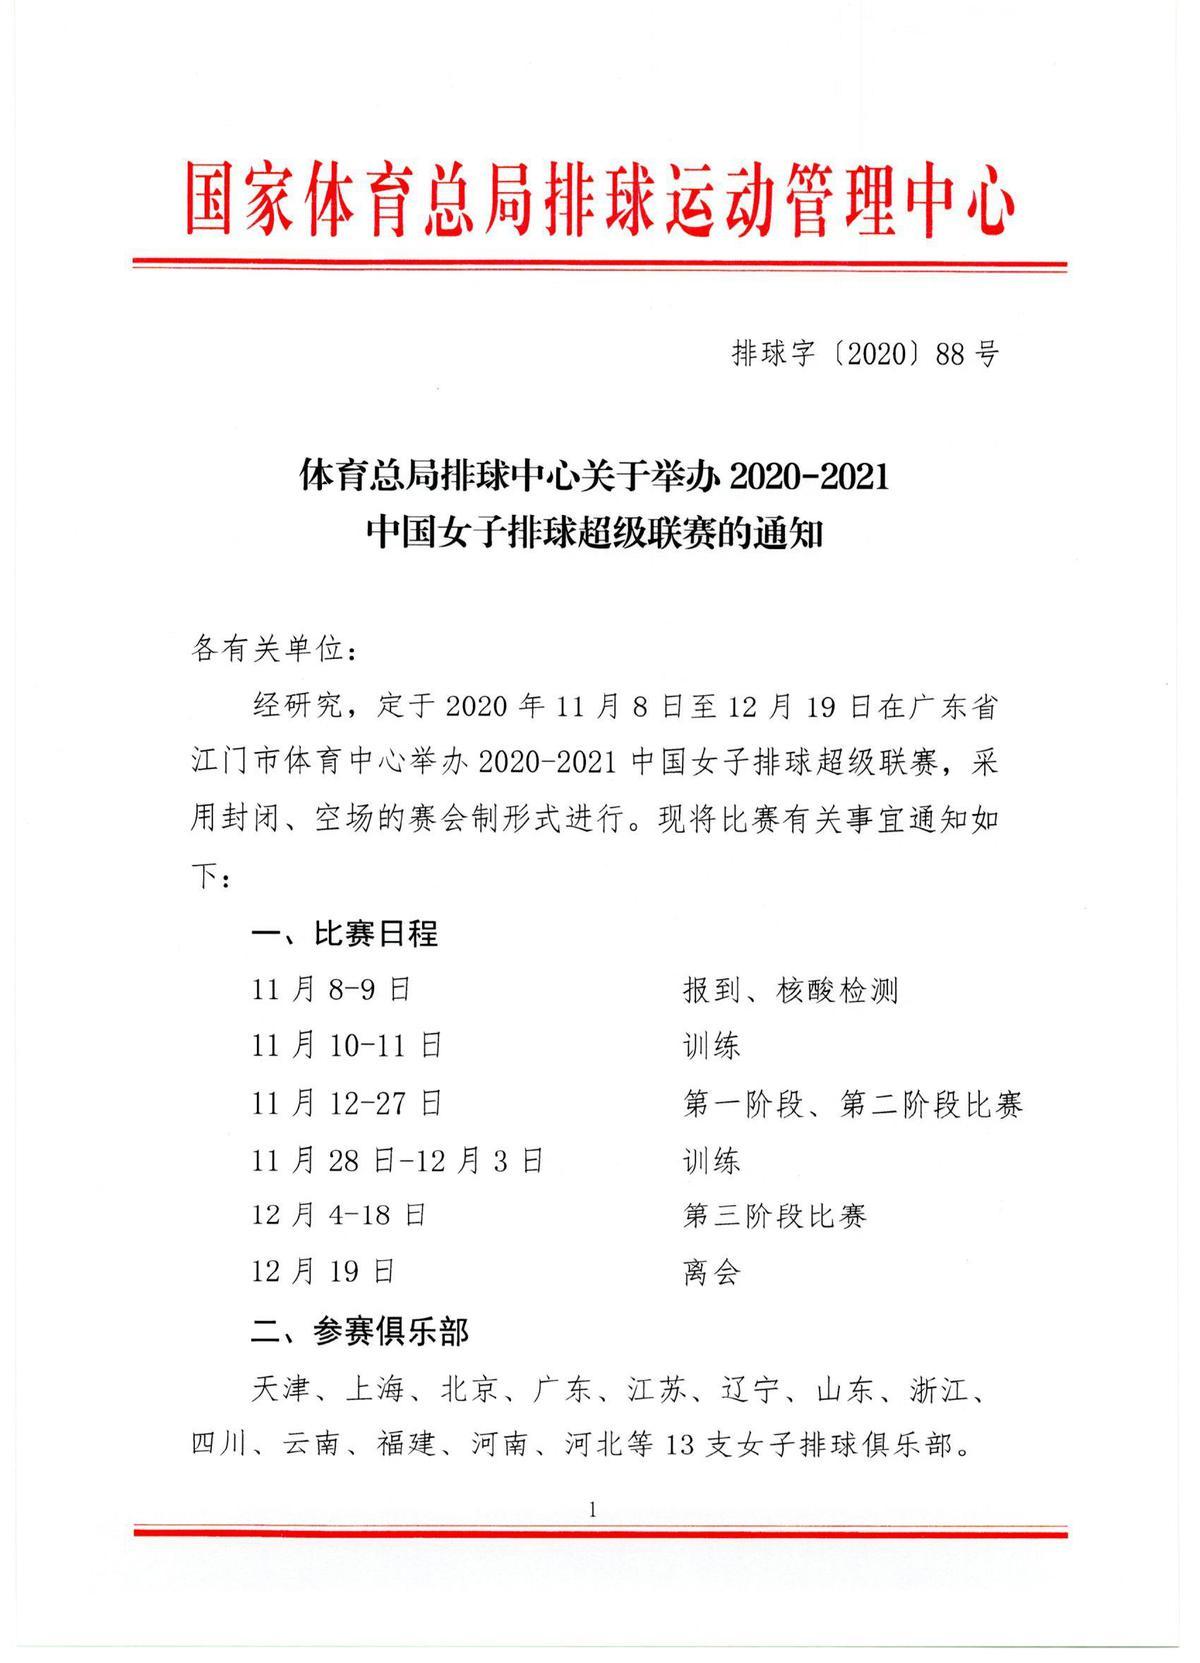 女排超级联赛11月8日开启,13支队伍封闭比赛41天图片